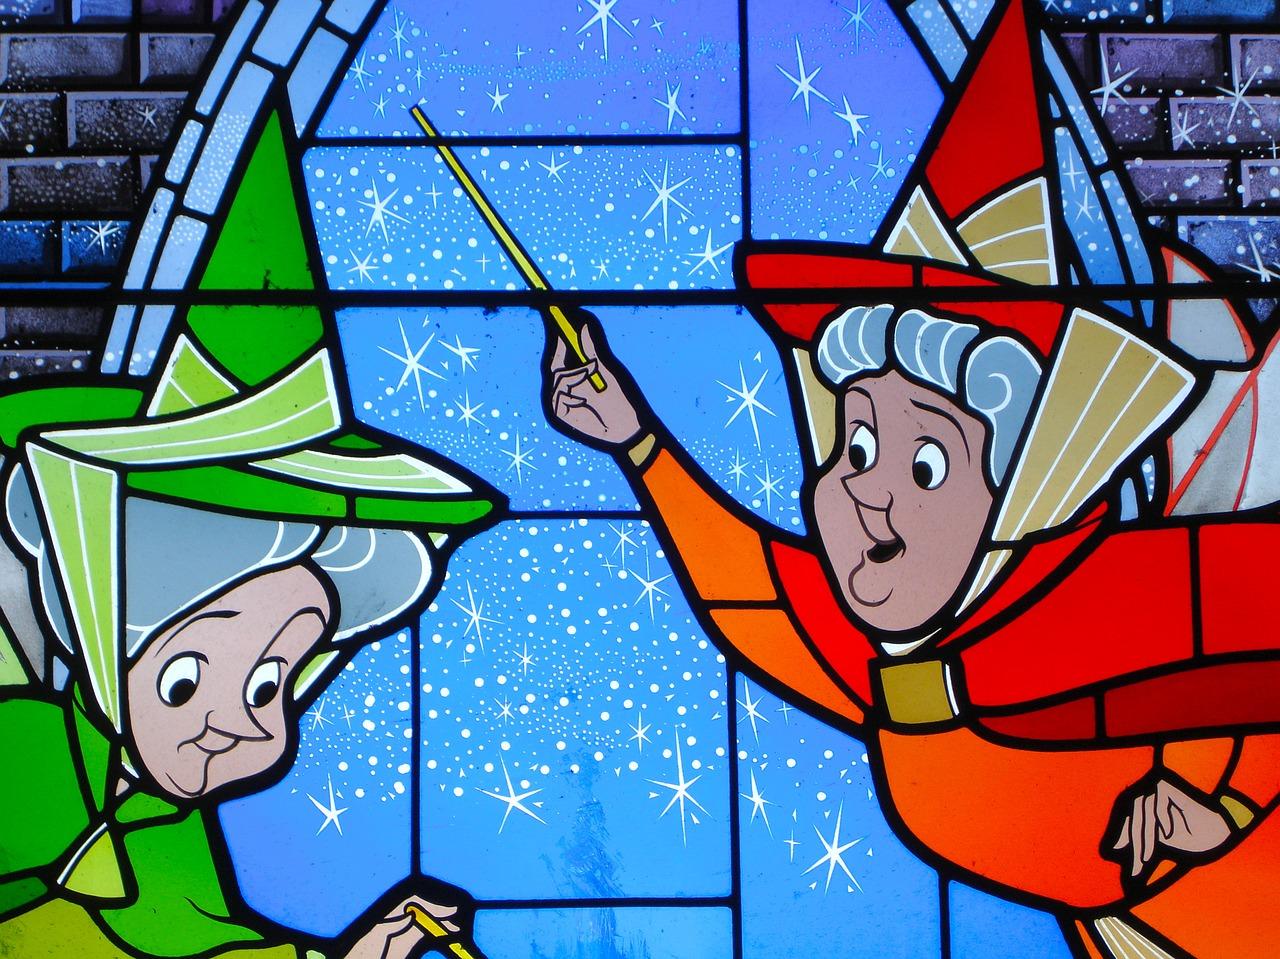 ディズニーの魔法